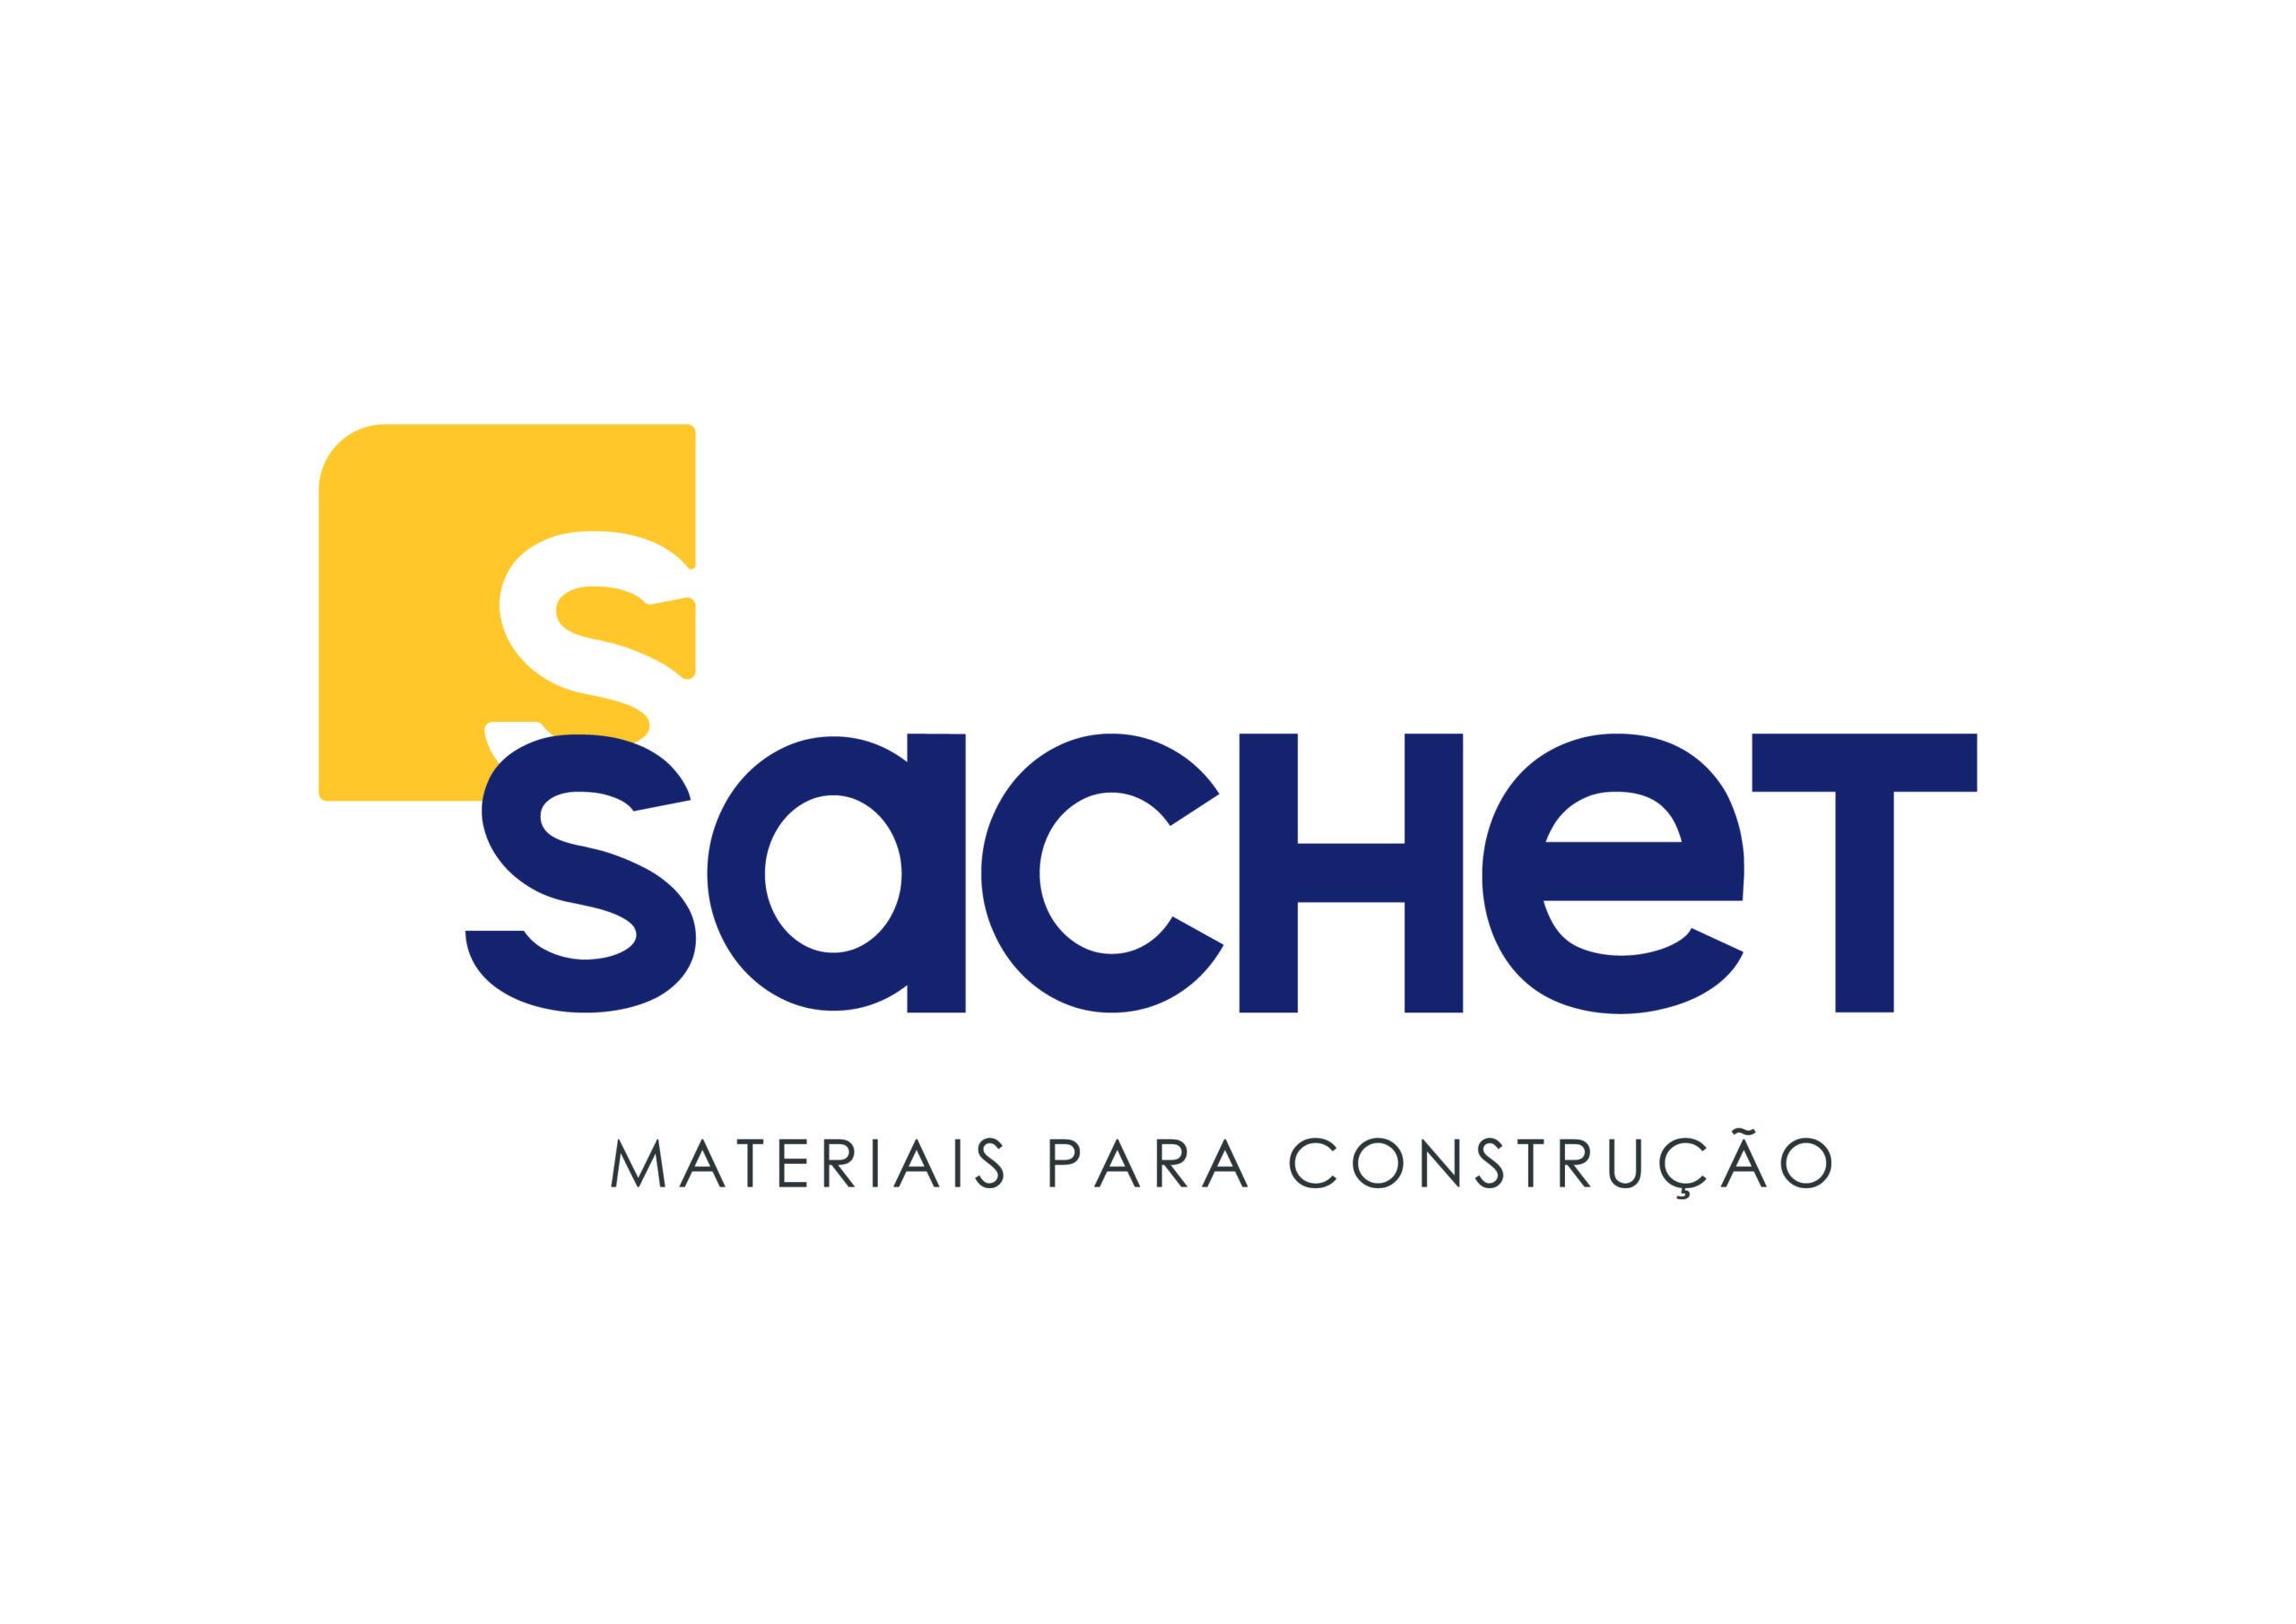 https://i0.wp.com/s3.amazonaws.com/dinder.com.br/wp-content/uploads/sites/125/2019/12/LOGO_SACHET_MATERIAIS-_DE_CONSTRUCAO-01-scaled.jpg?ssl=1